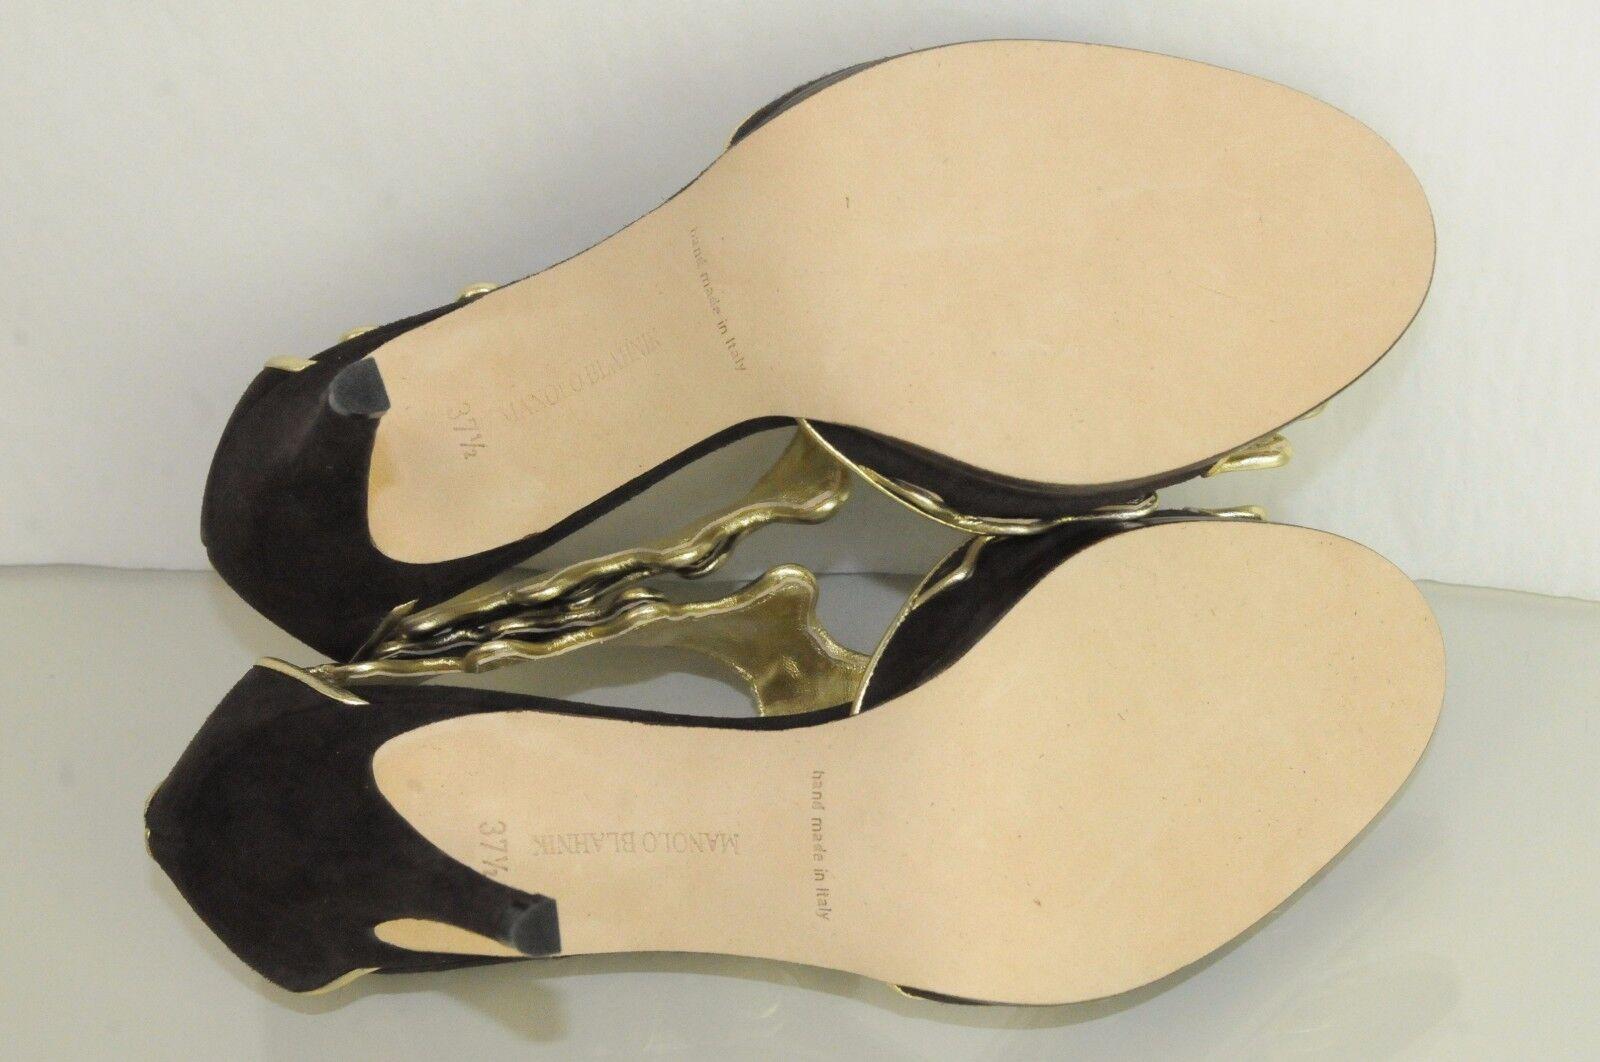 nouvelles sandales manolo talons blahnik cusani talons manolo de chaussures en daim marron or 38 41 55e37c